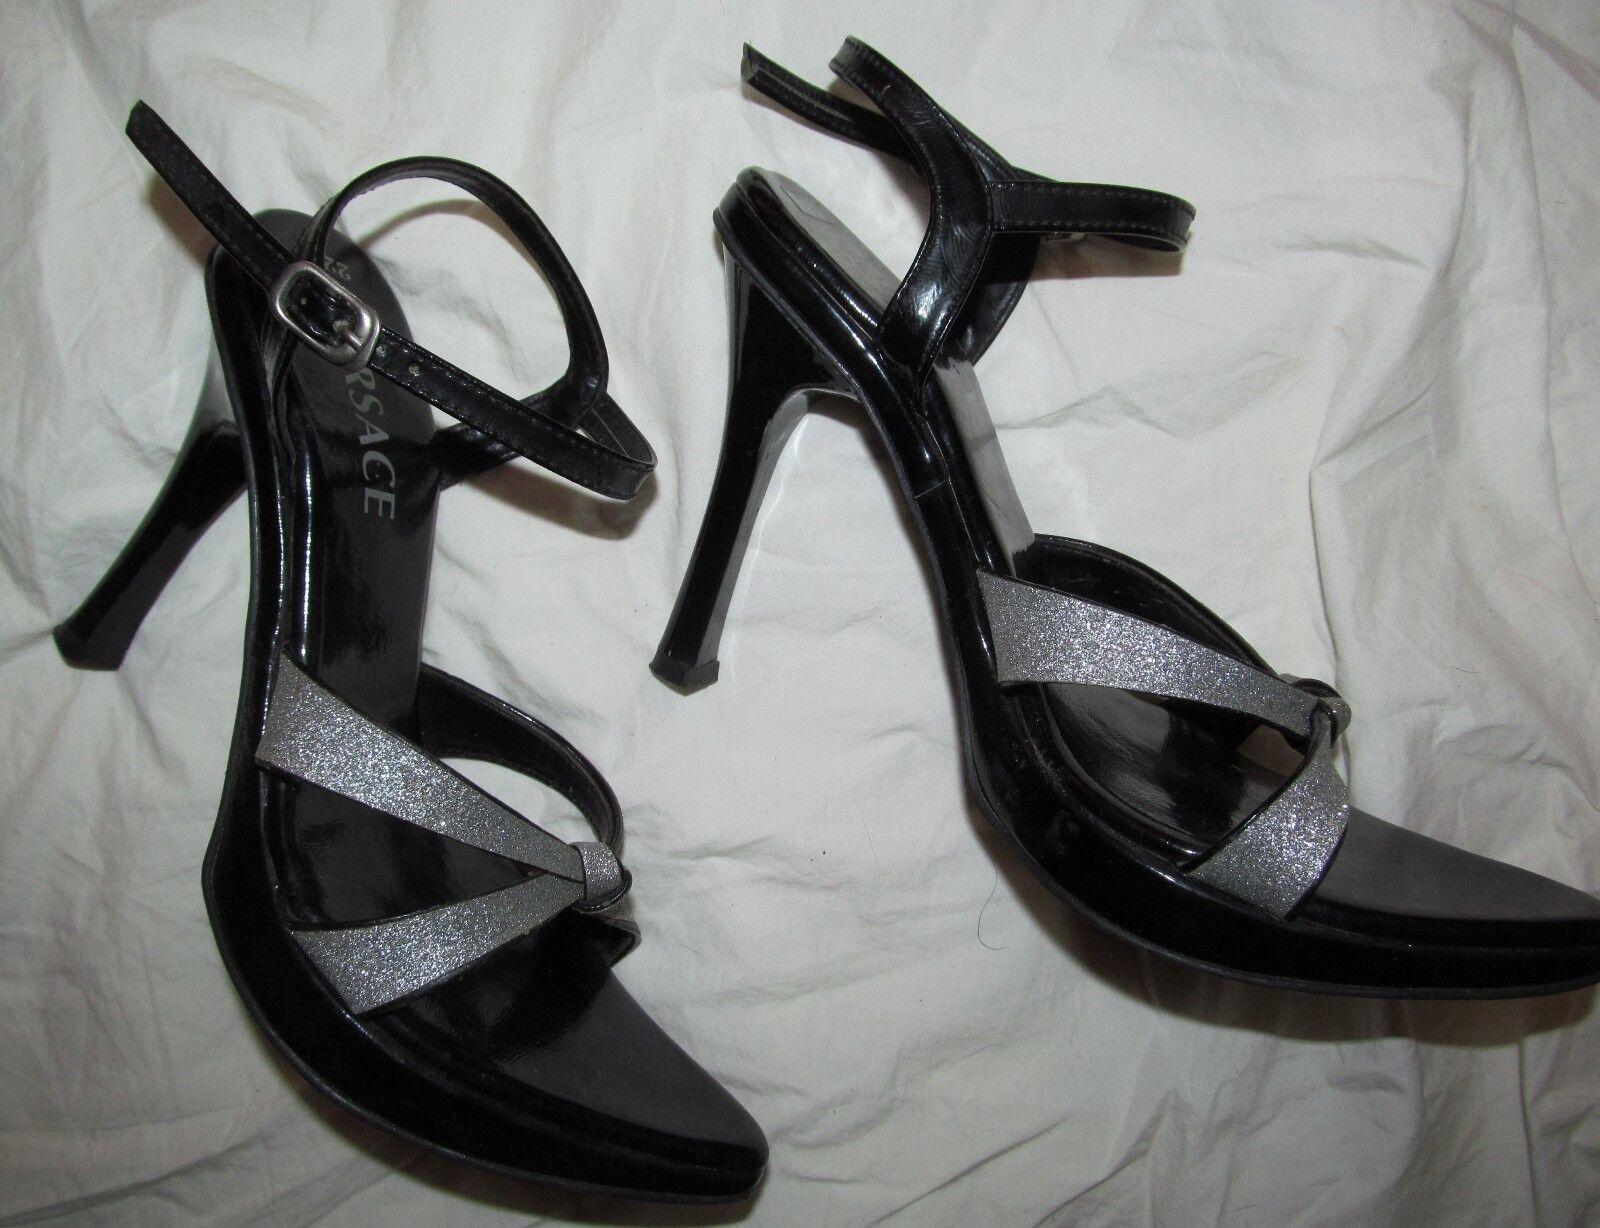 VERSACE damen 6 6 6 early 00s vtg glittery Silber schwarz open toe high heel sandals 4e4cea